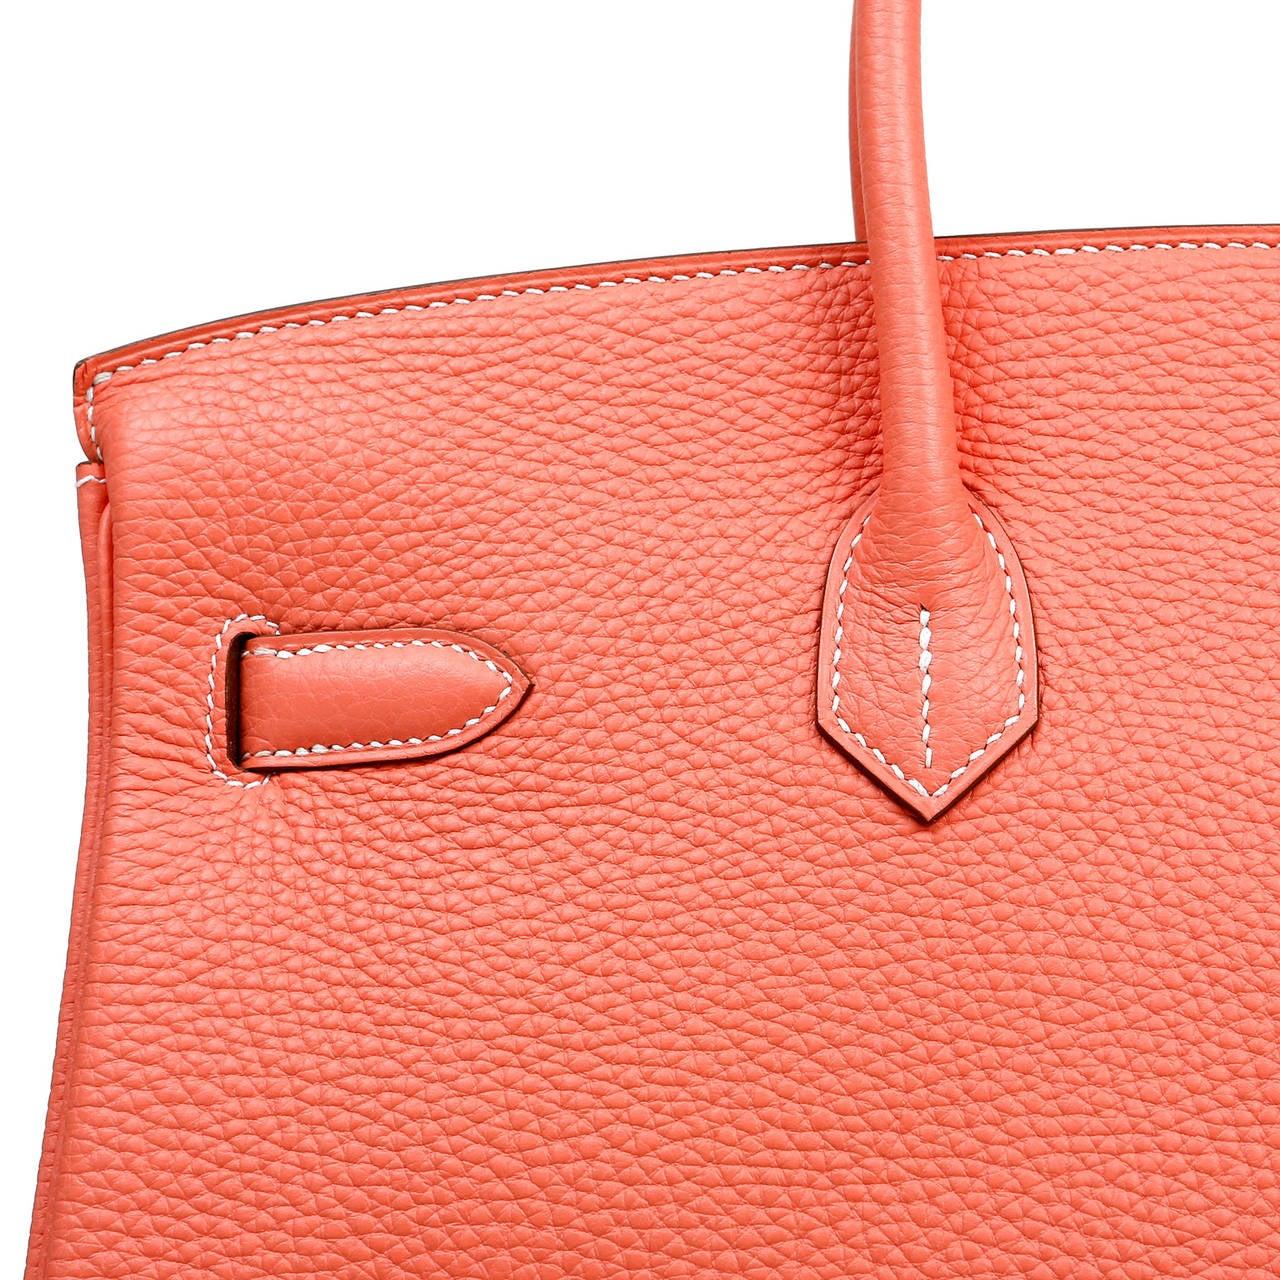 Hermes Crevette Togo 35 cm Birkin Bag- Salmon Pink Color For Sale 5